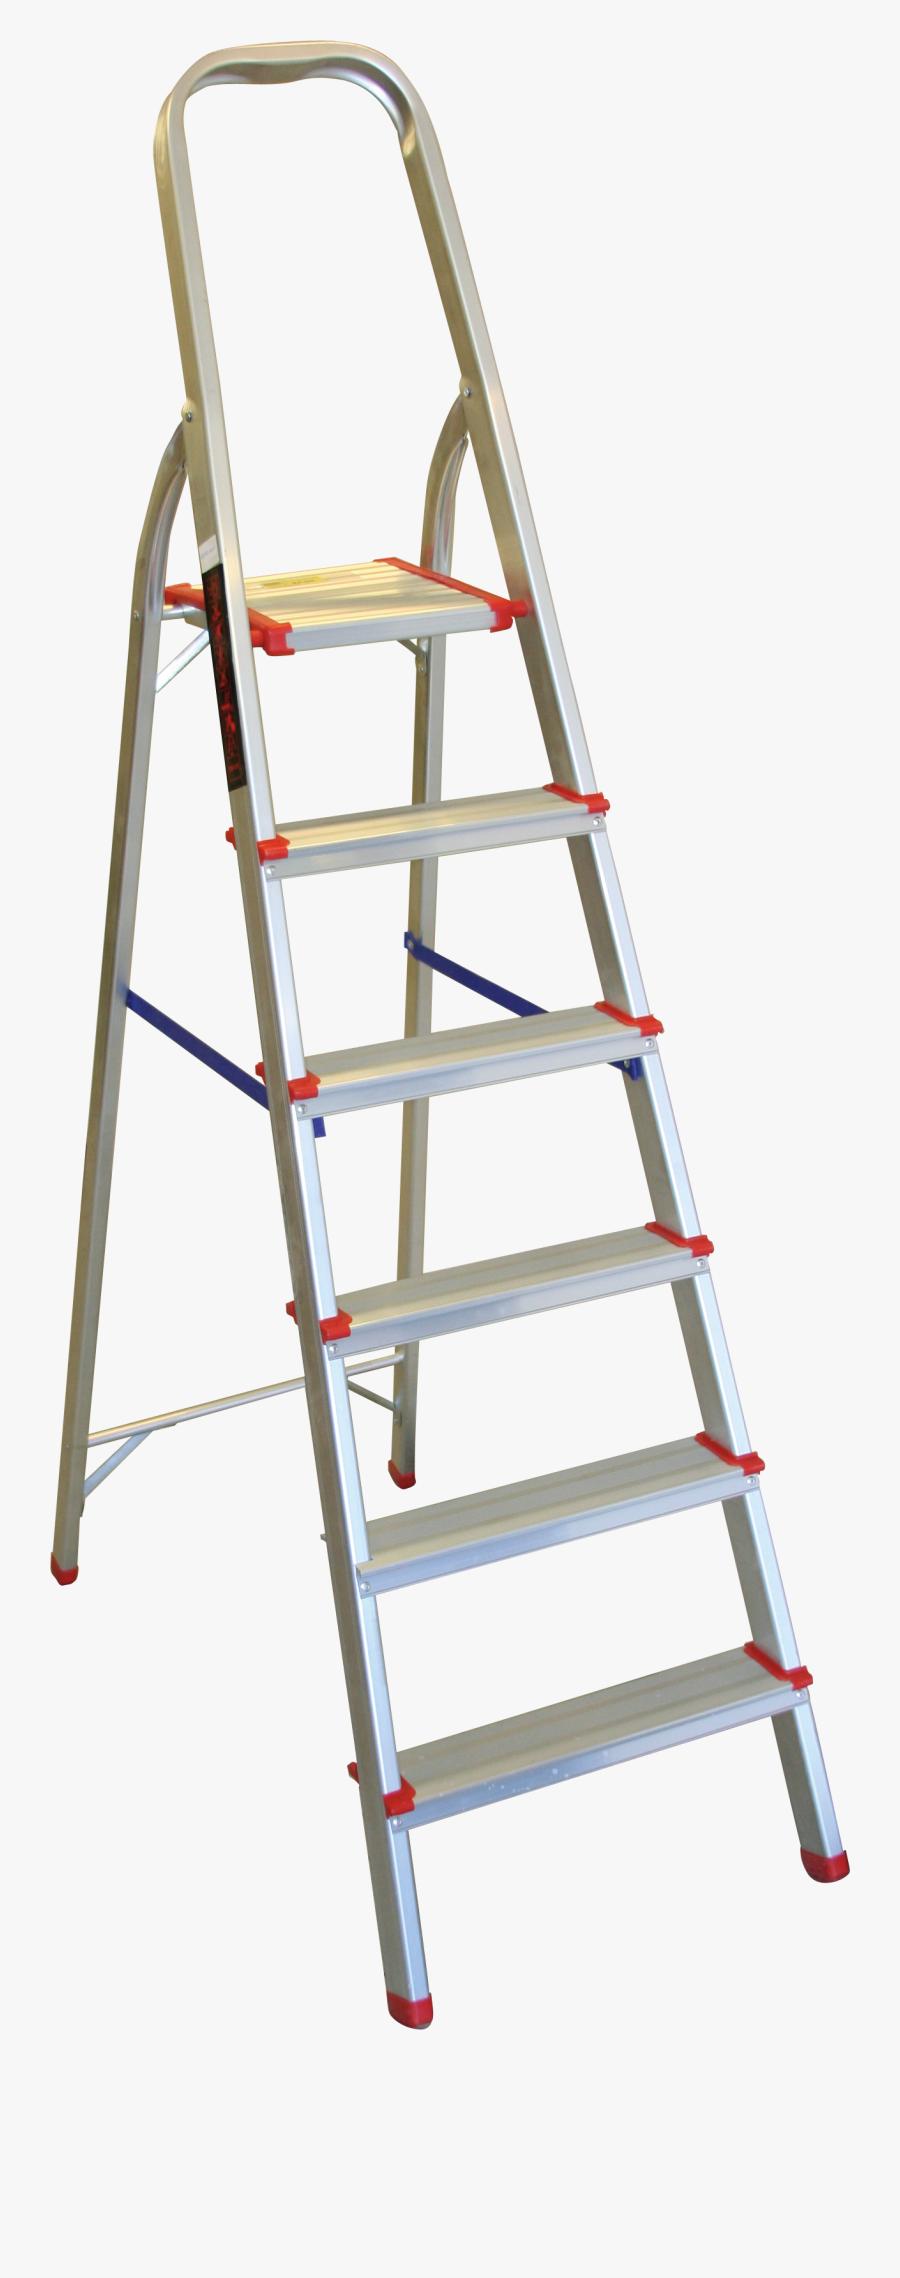 Ladder Clipart Short Ladder - Step Ladder With Transparent Background, Transparent Clipart